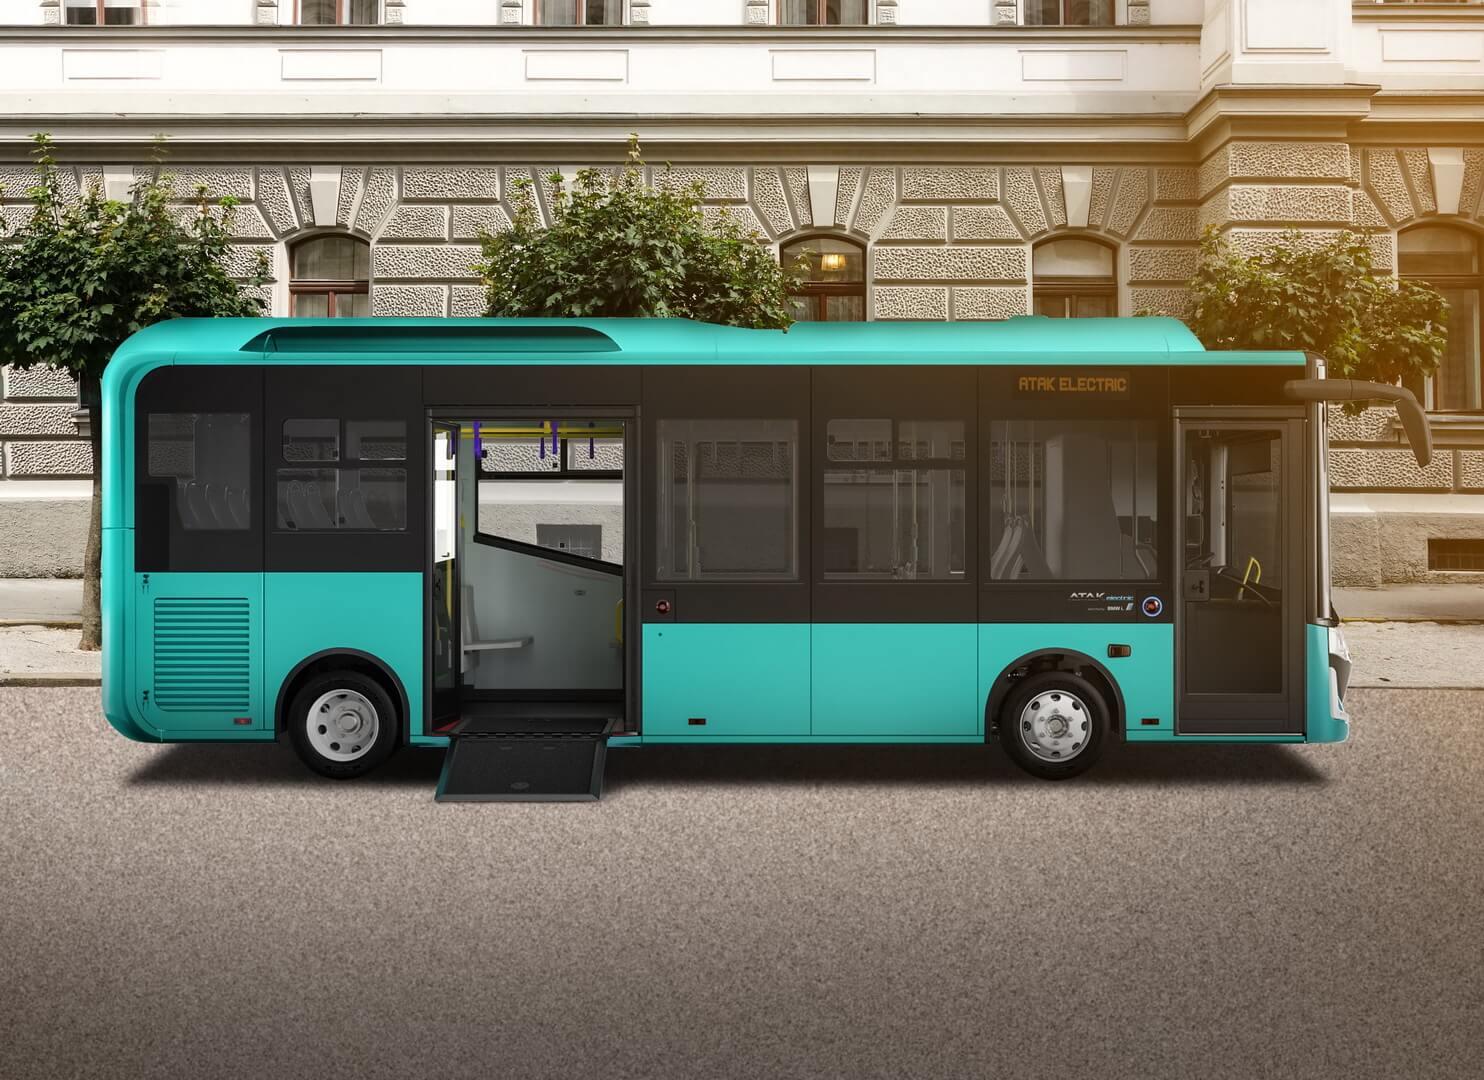 Электрический автобус Atak Electric